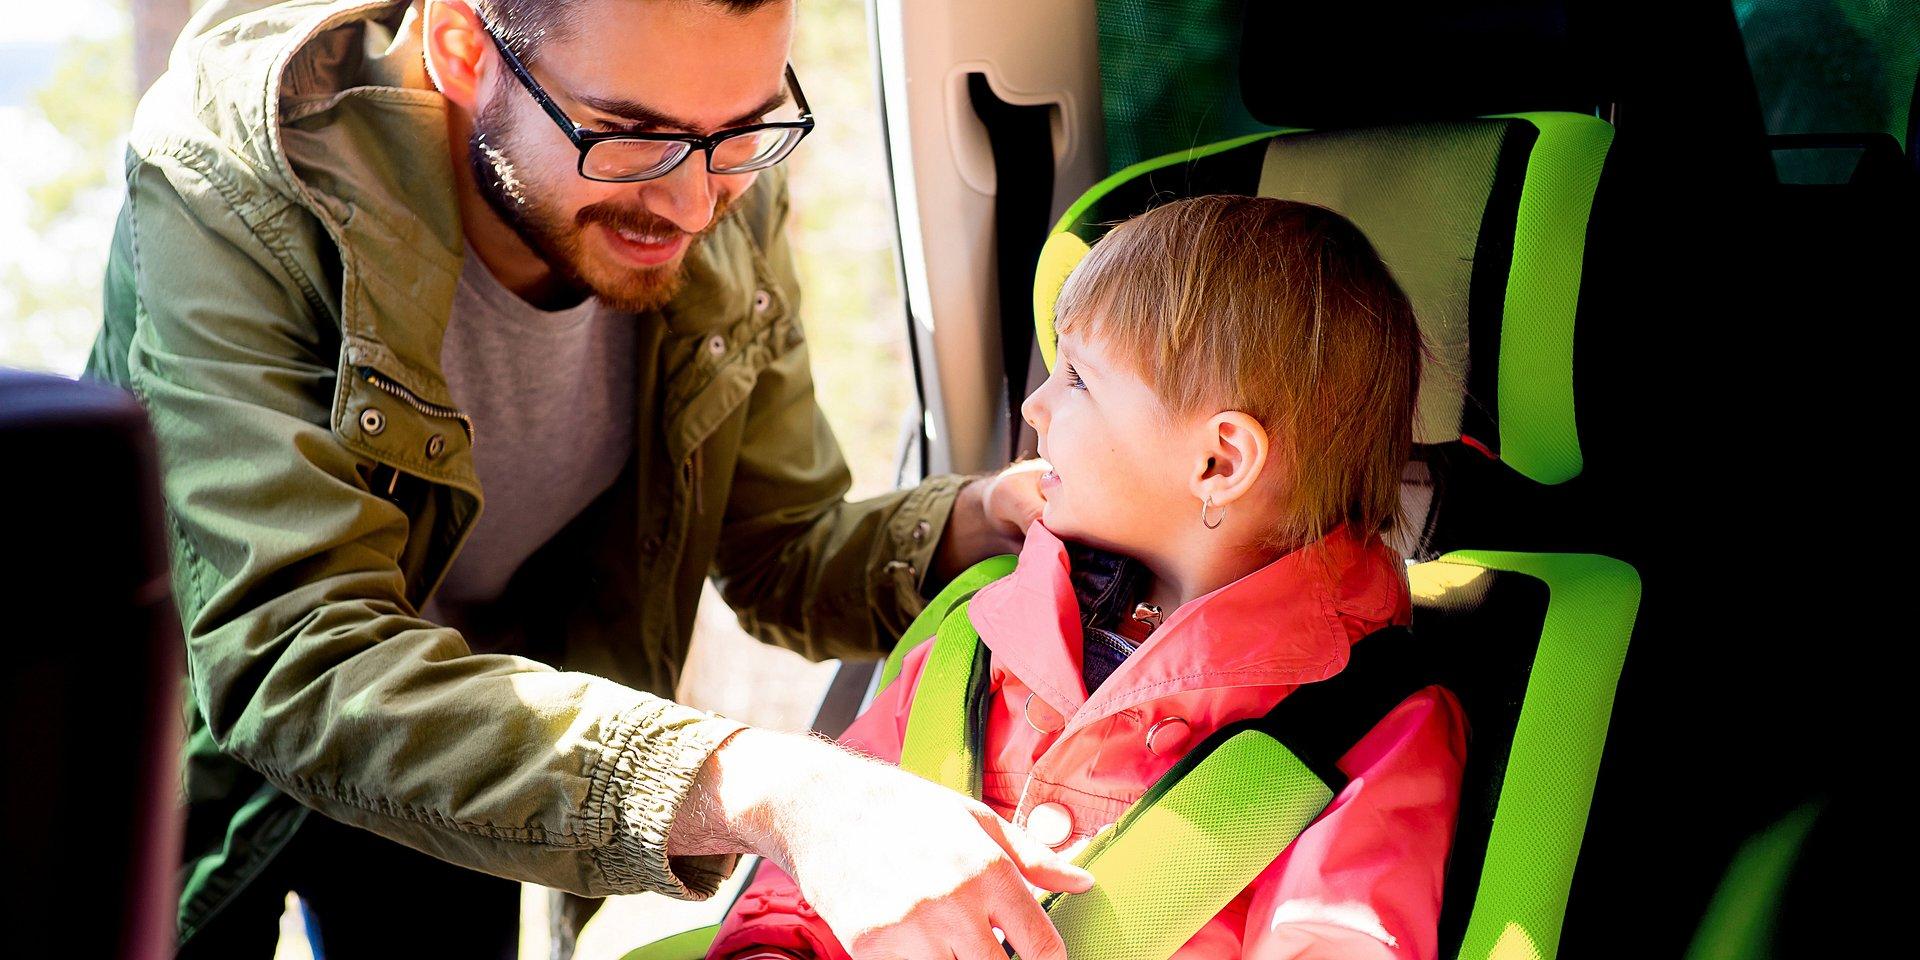 Przed nami świąteczne podróże! Policja radzi, jak bezpiecznie podróżować z dzieckiem.